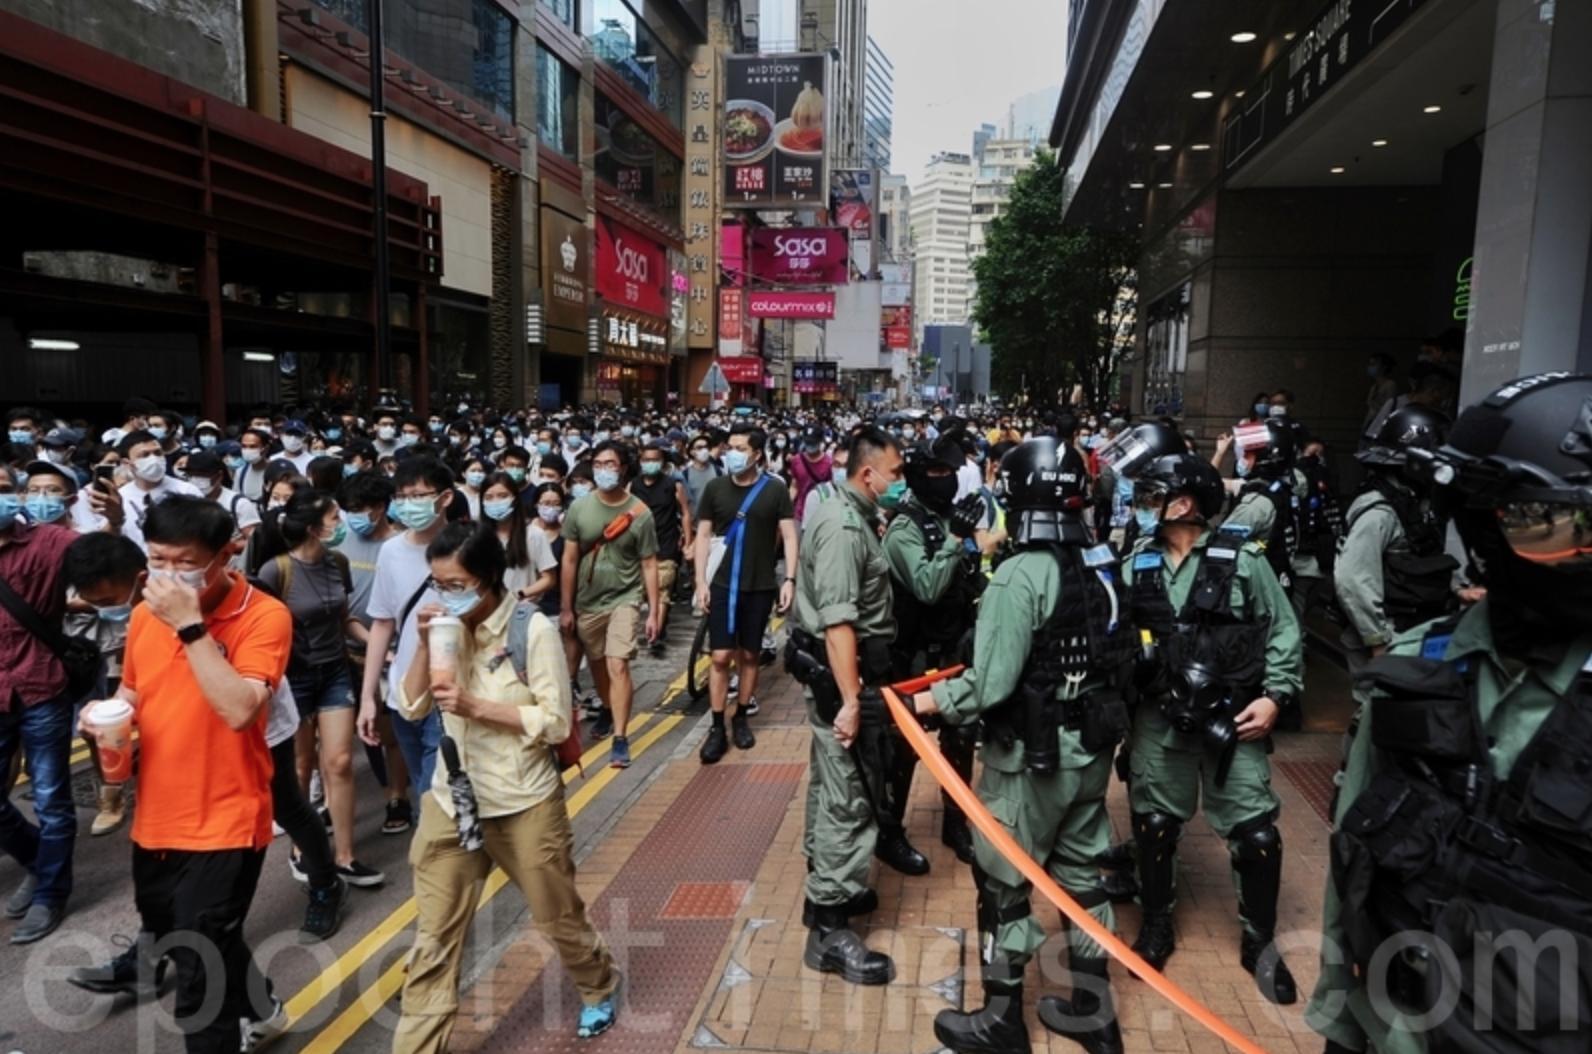 2020年7月1日也是「港版國安法」實施翌日,雖然當局禁止遊行並部署大批警察預備拘捕市民,但仍有許多市民按照往年七一遊行的路線行進。(宋碧龍/大紀元)